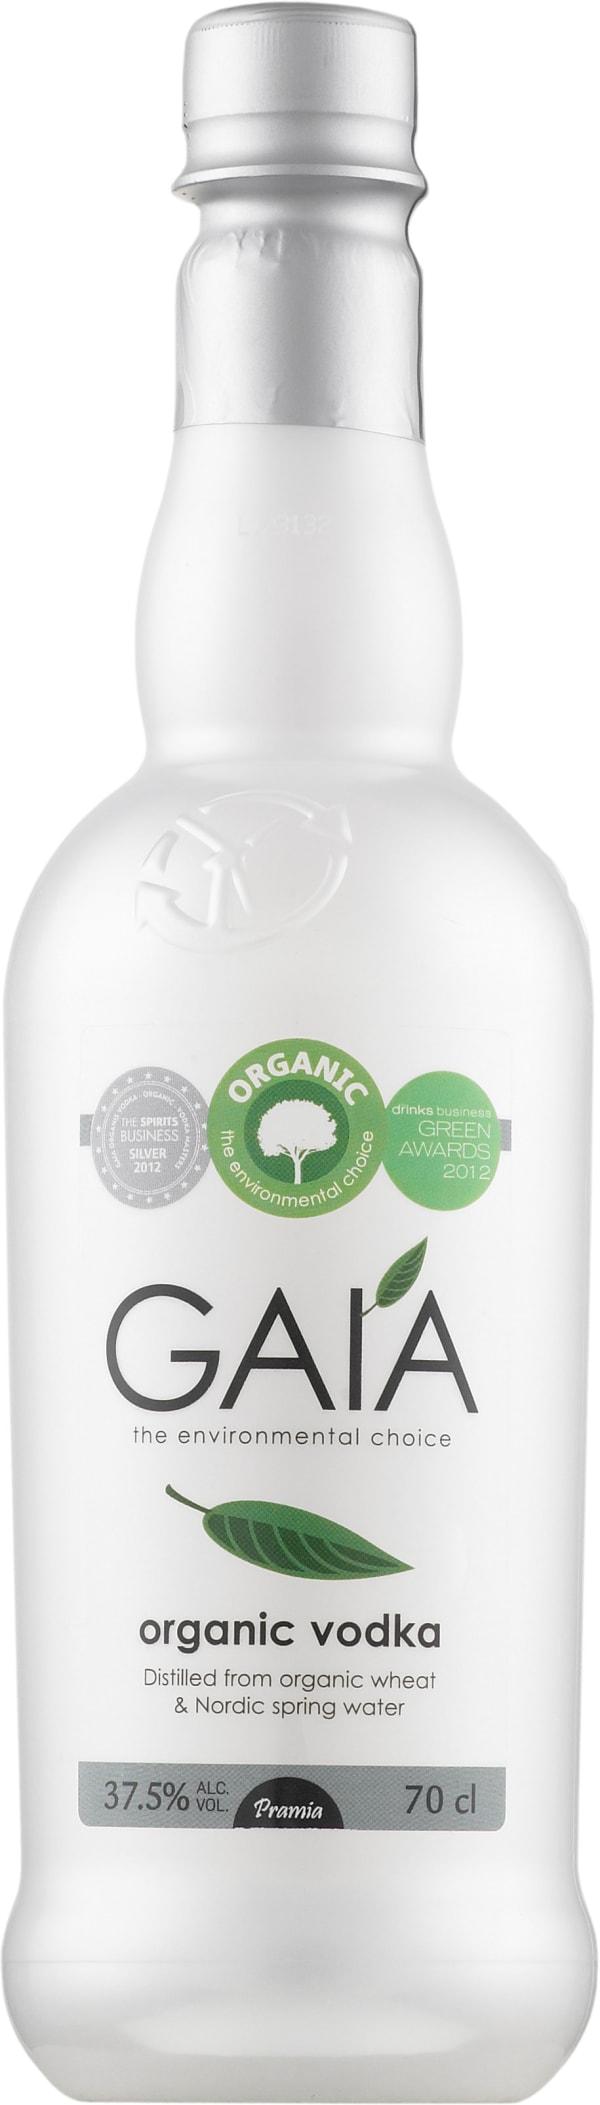 Gaía Organic Vodka muovipullo